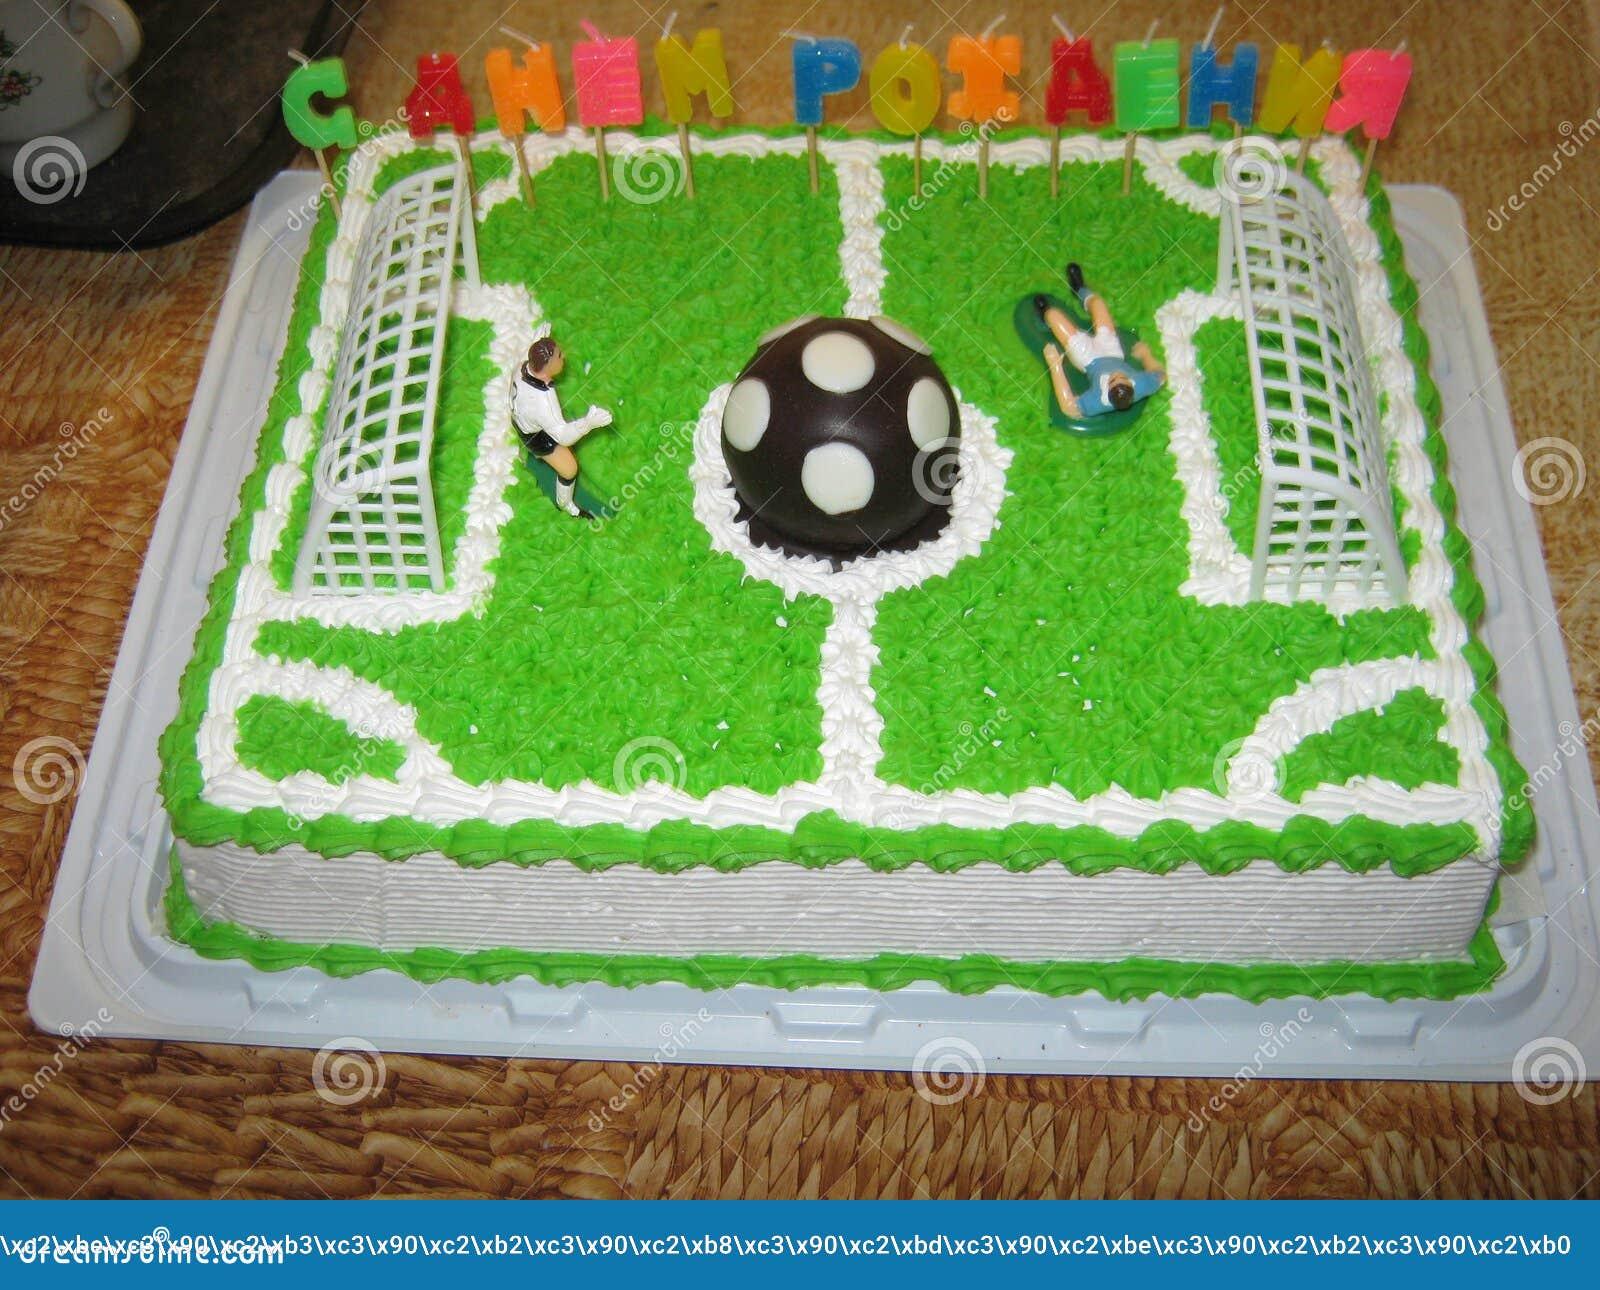 Sahnekuchenkerl Fußballspieler Auf Seinem Geburtstag Mit Einem Ball